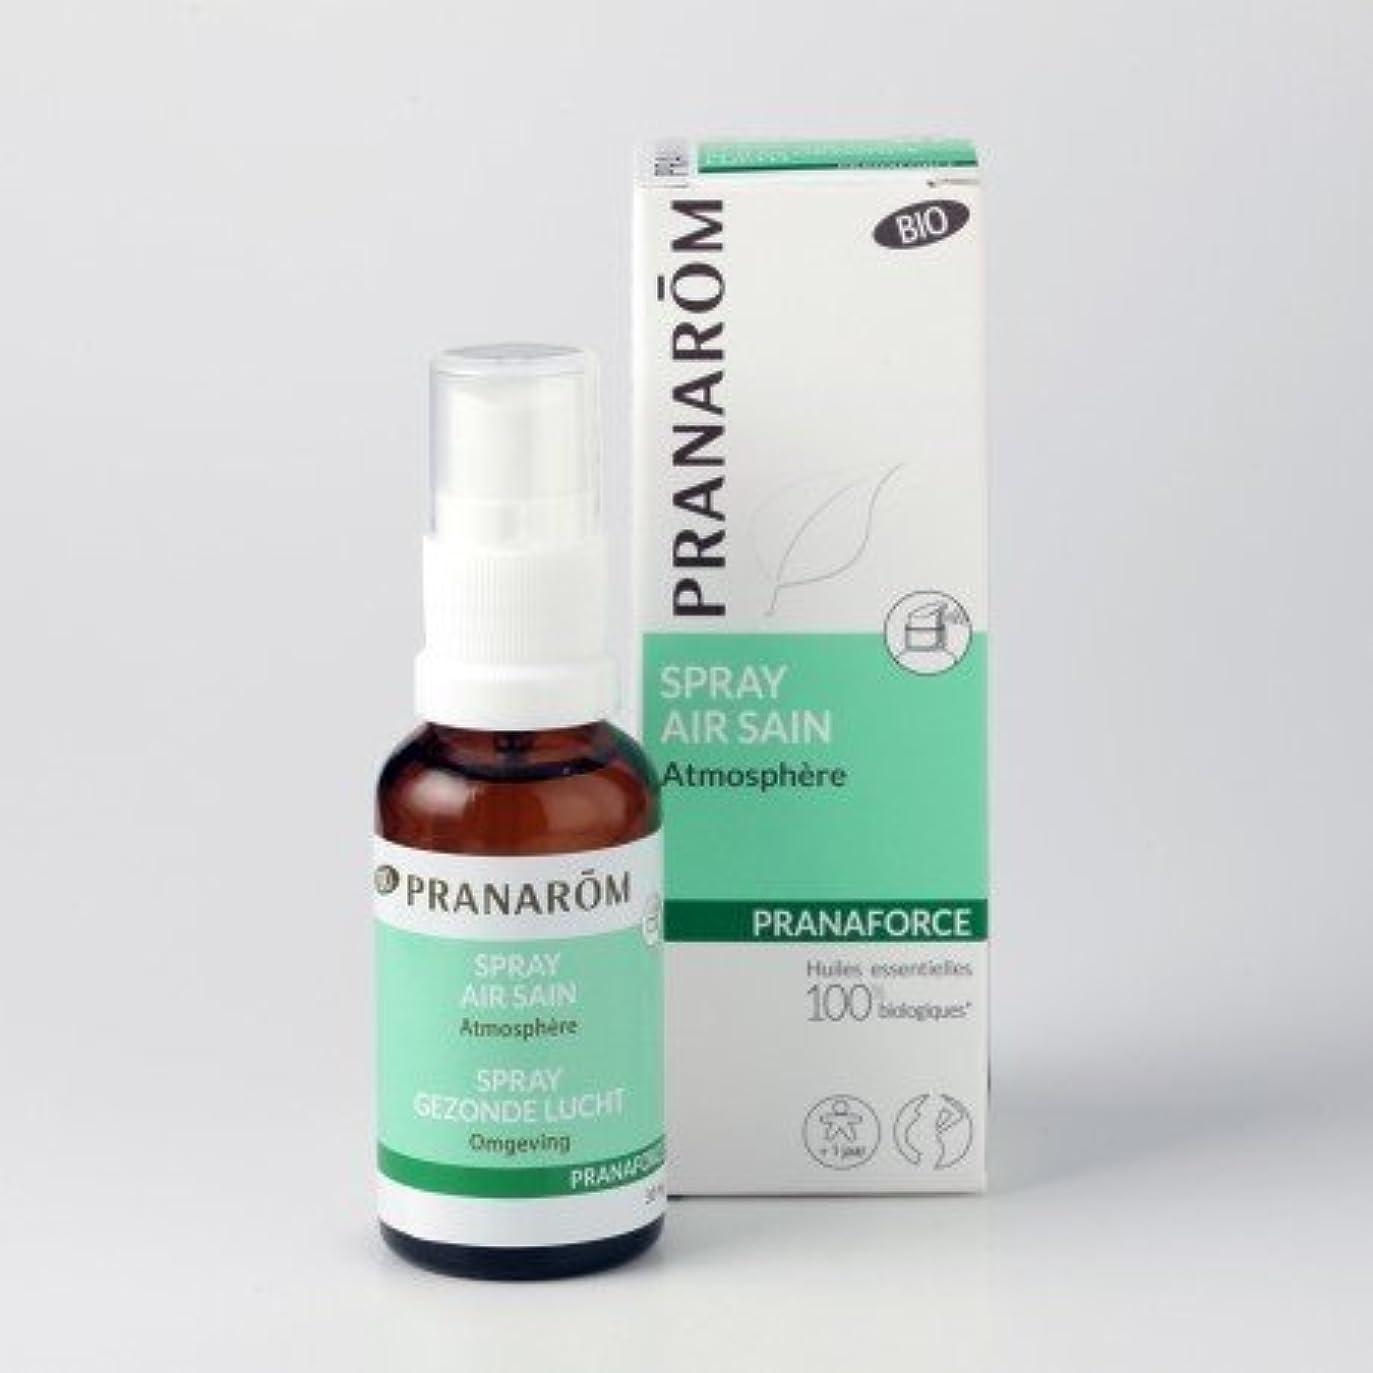 栄光のフィクションスマイルプラナロム (PRANAROM) ルームコロン プラナフォース?スプレー 30ml 02601 エアフレッシュナー (芳香剤)